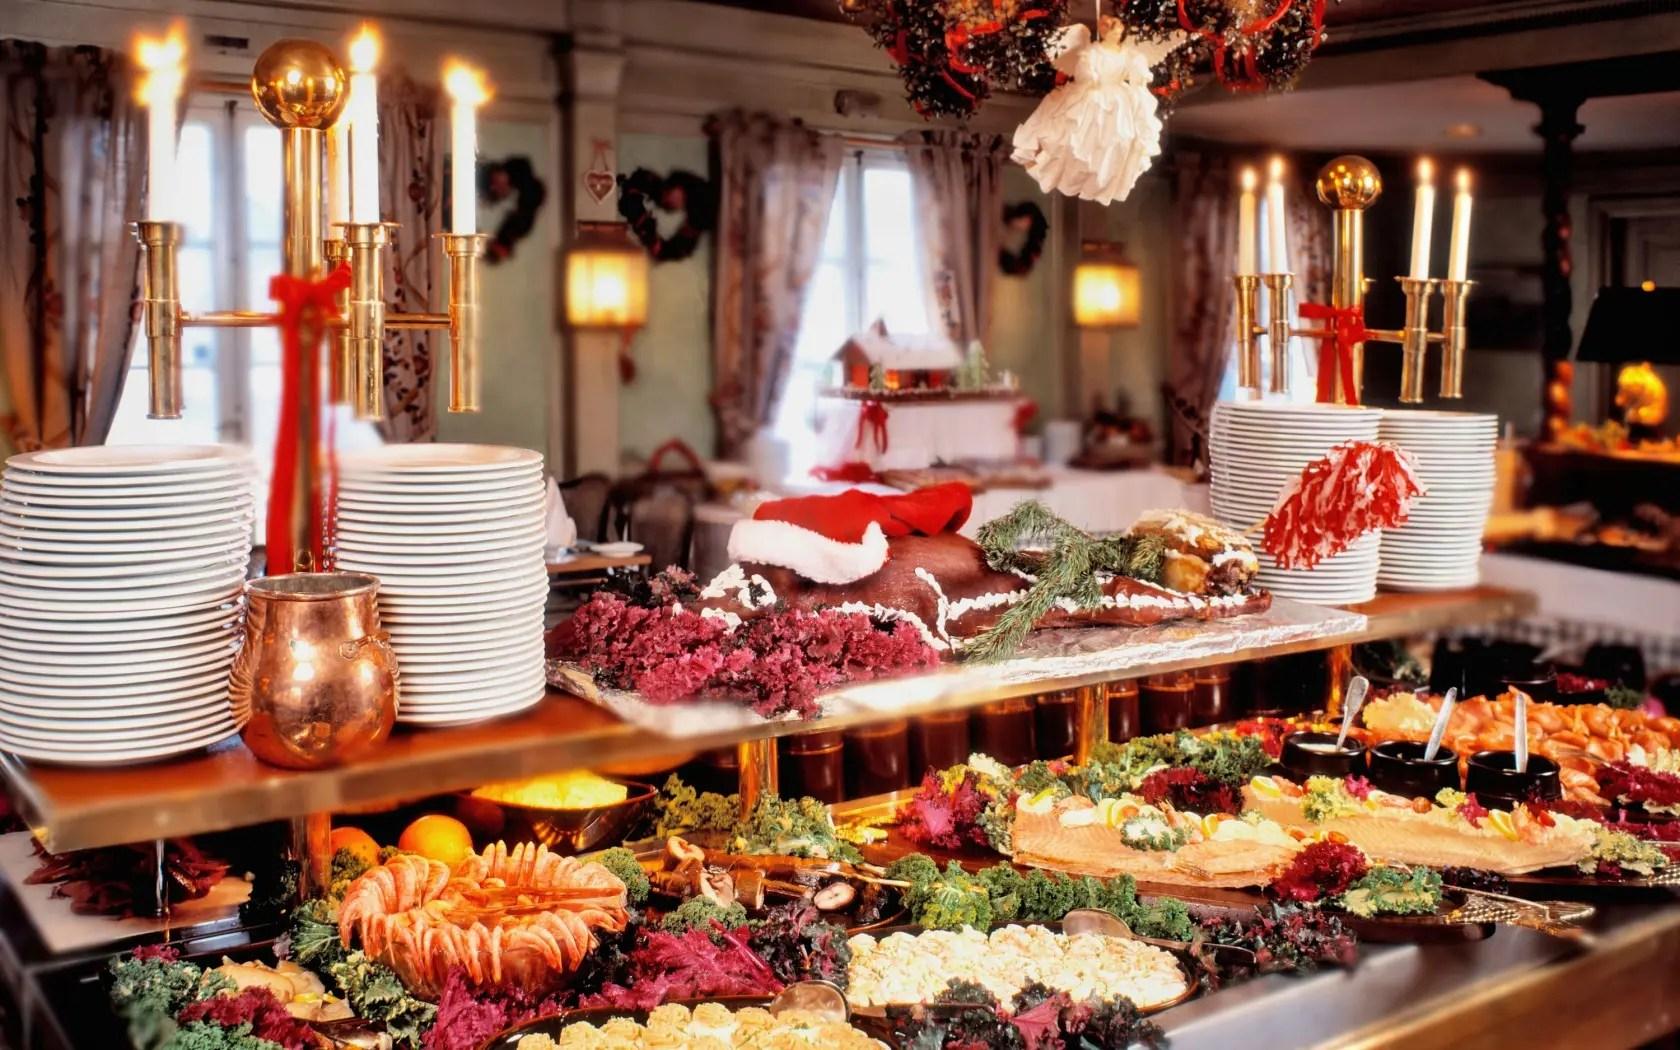 Navidad 2017  El Smorgasbord sueco de Navidad  SaborGourmetcom